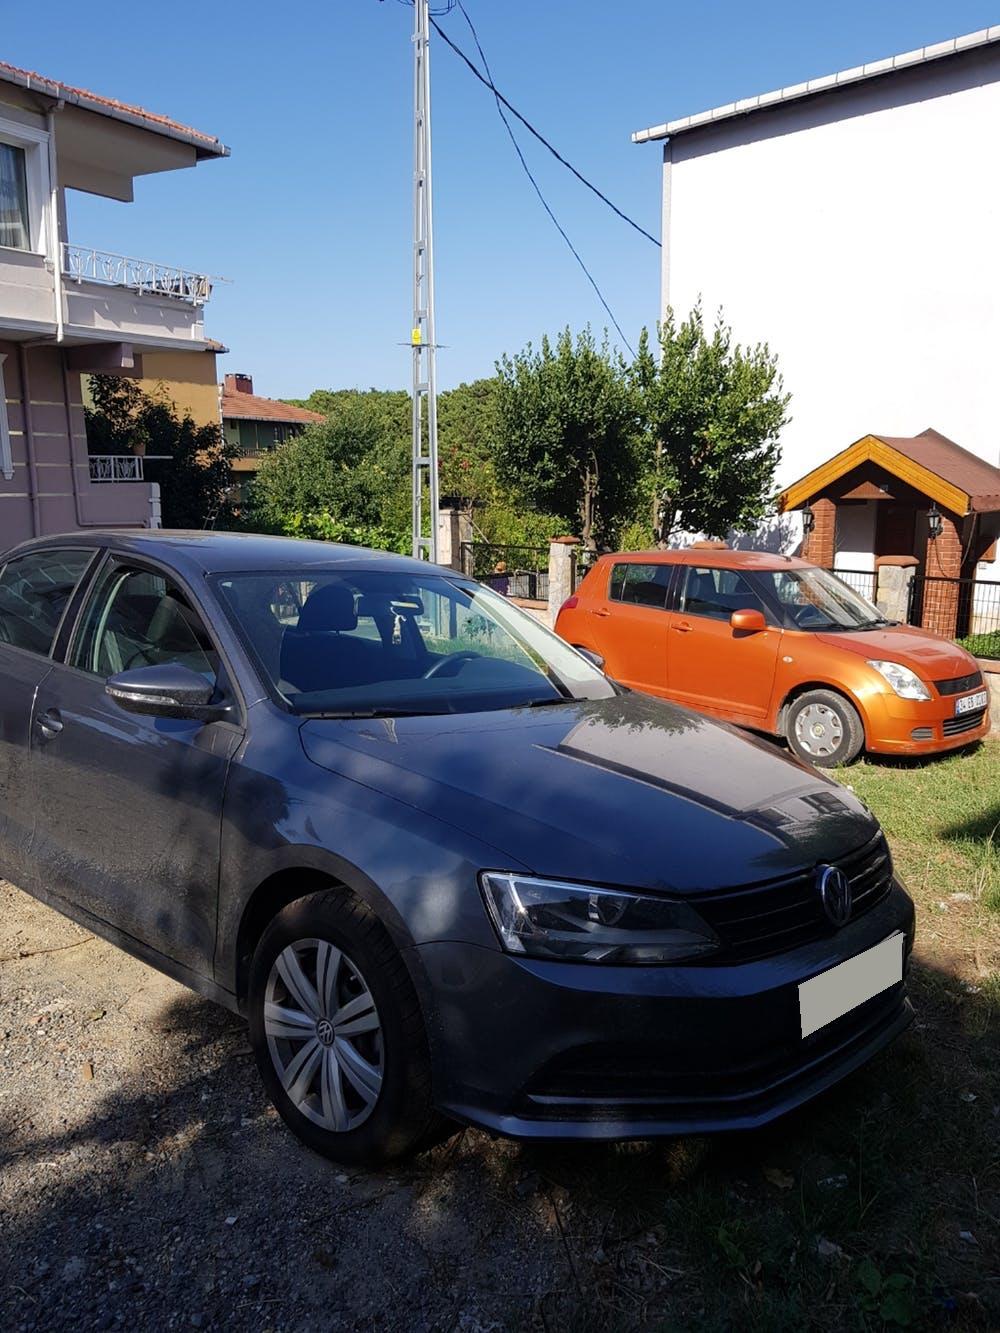 VOLKSWAGEN Jetta 2017 Model Benzin Otomatik Vites Kiralik Araç - E72D